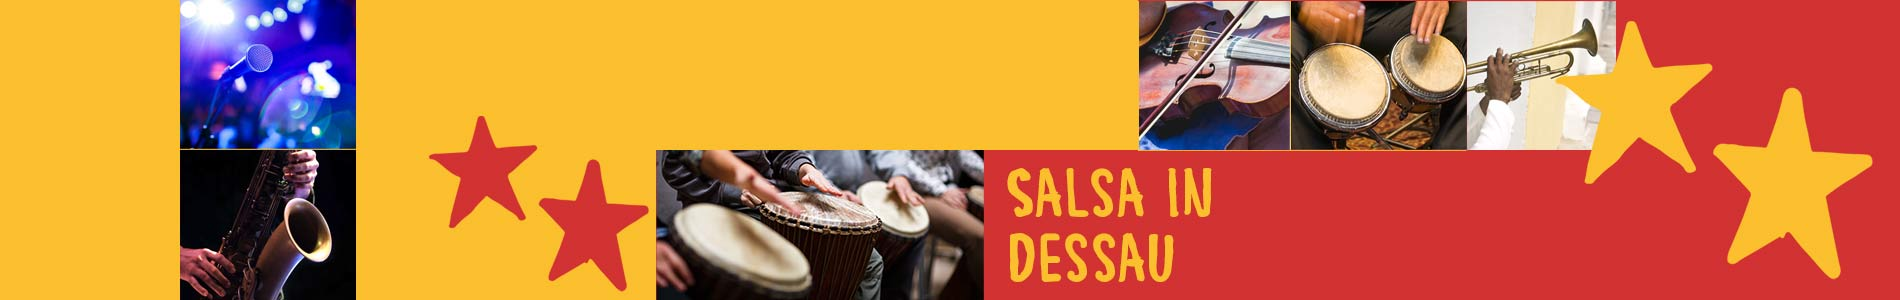 Salsa in Dessau – Salsa lernen und tanzen, Tanzkurse, Partys, Veranstaltungen